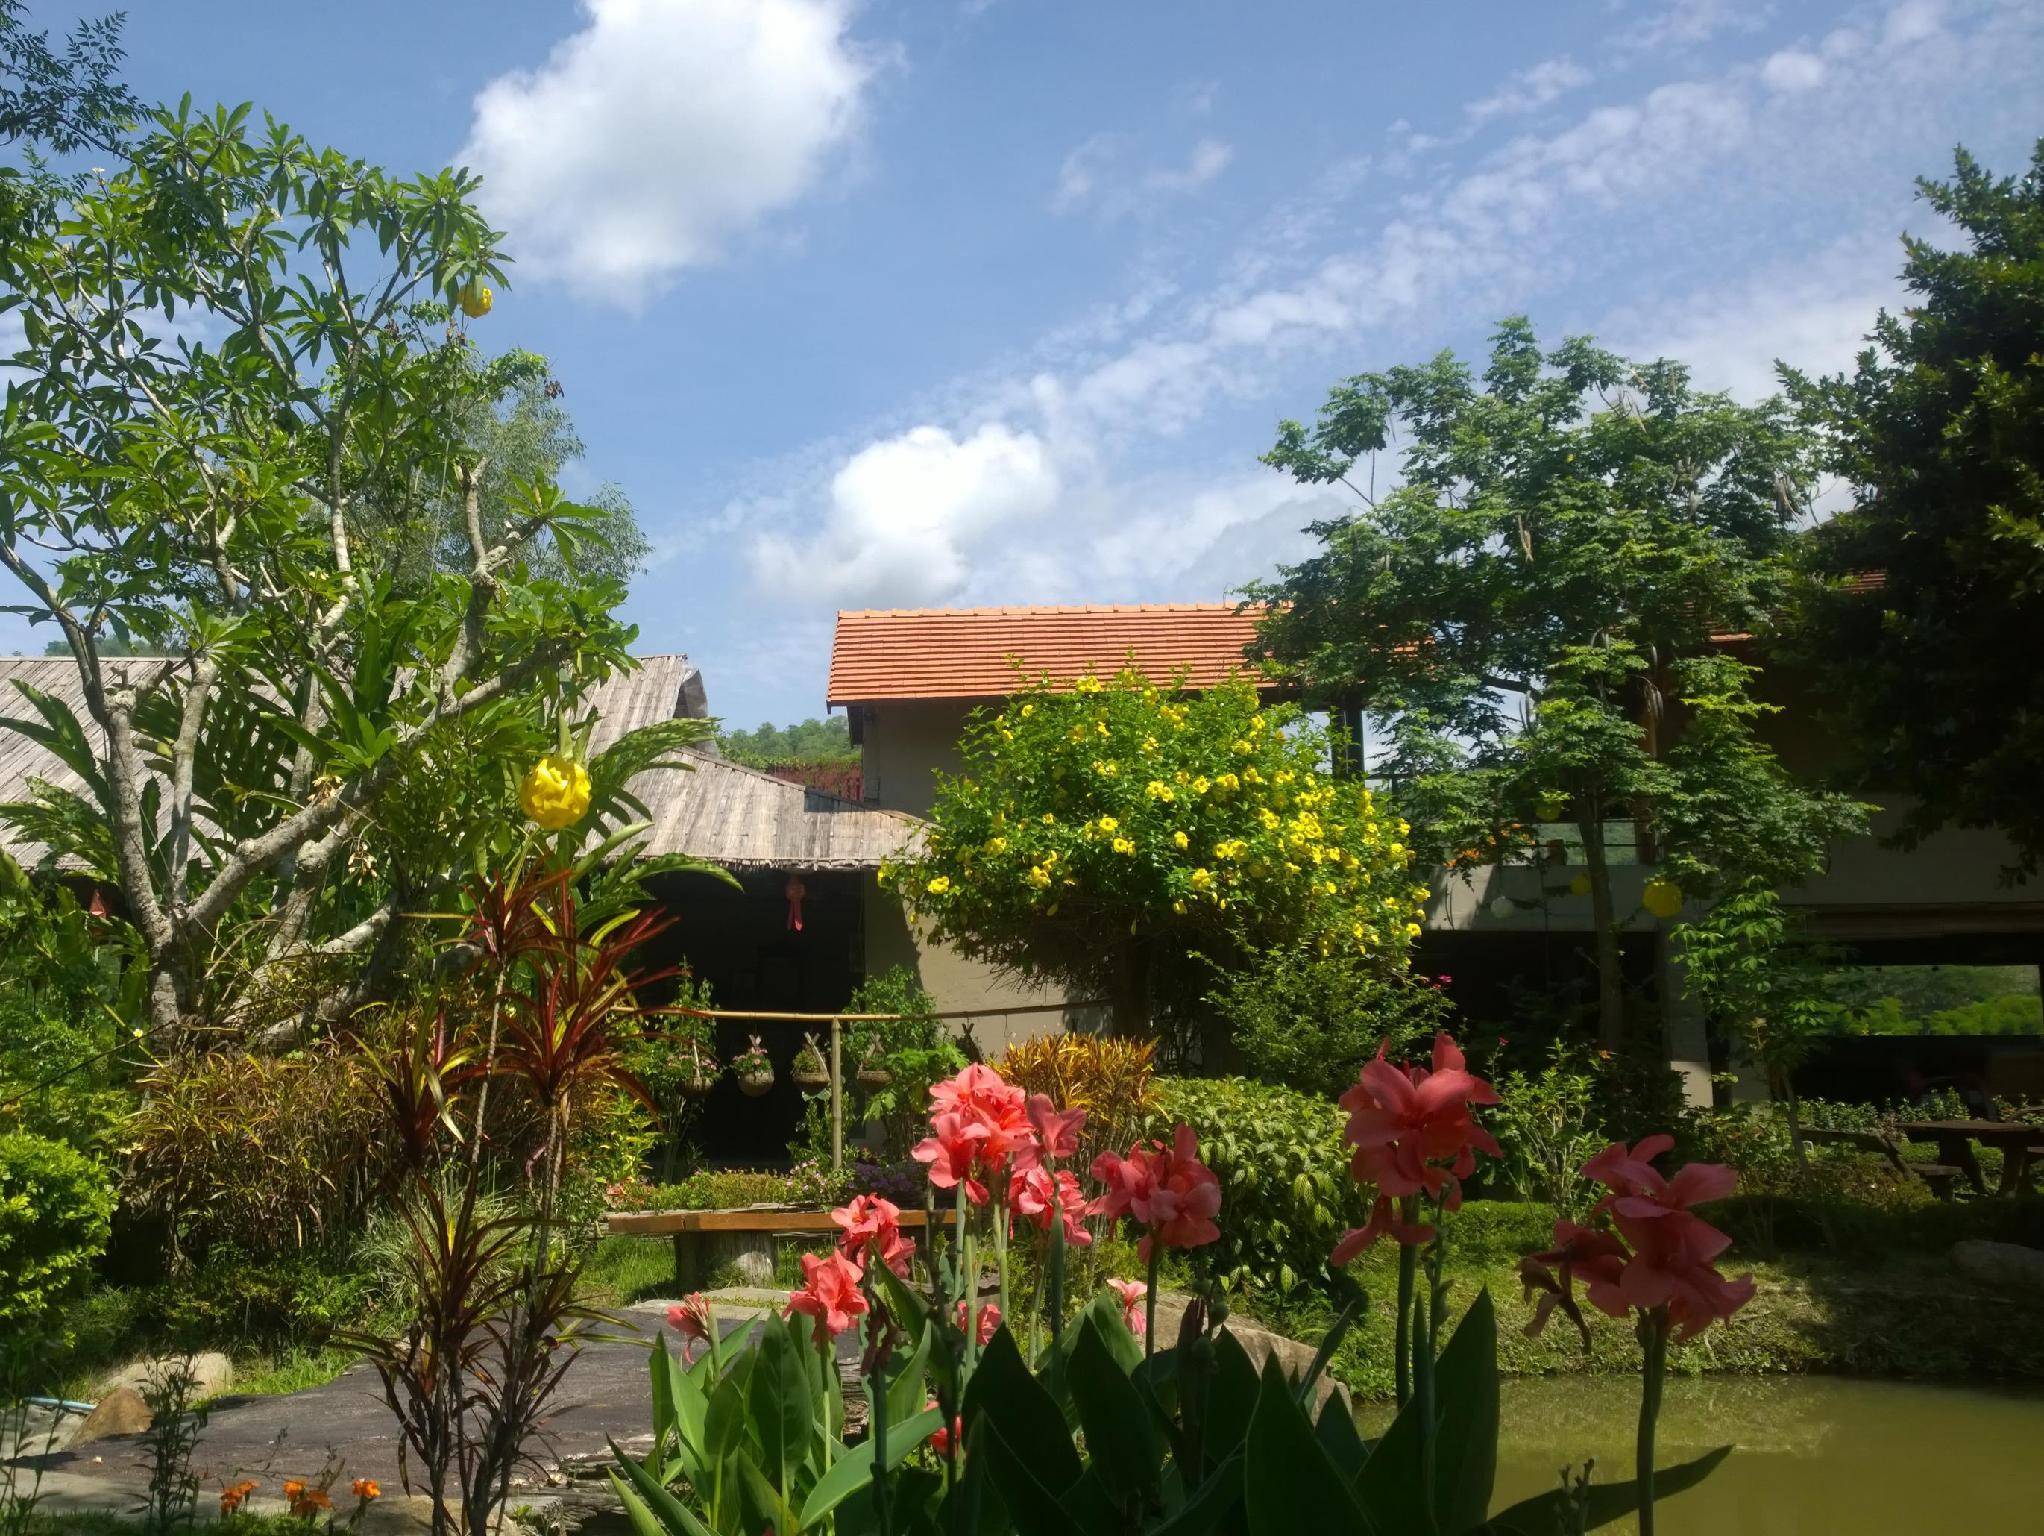 รีวิวรูปเยอะ บุหลันบุรี เชียงใหม่ รีสอร์ต (Bulun Buri Chiang Mai Resort) ส่วนลด